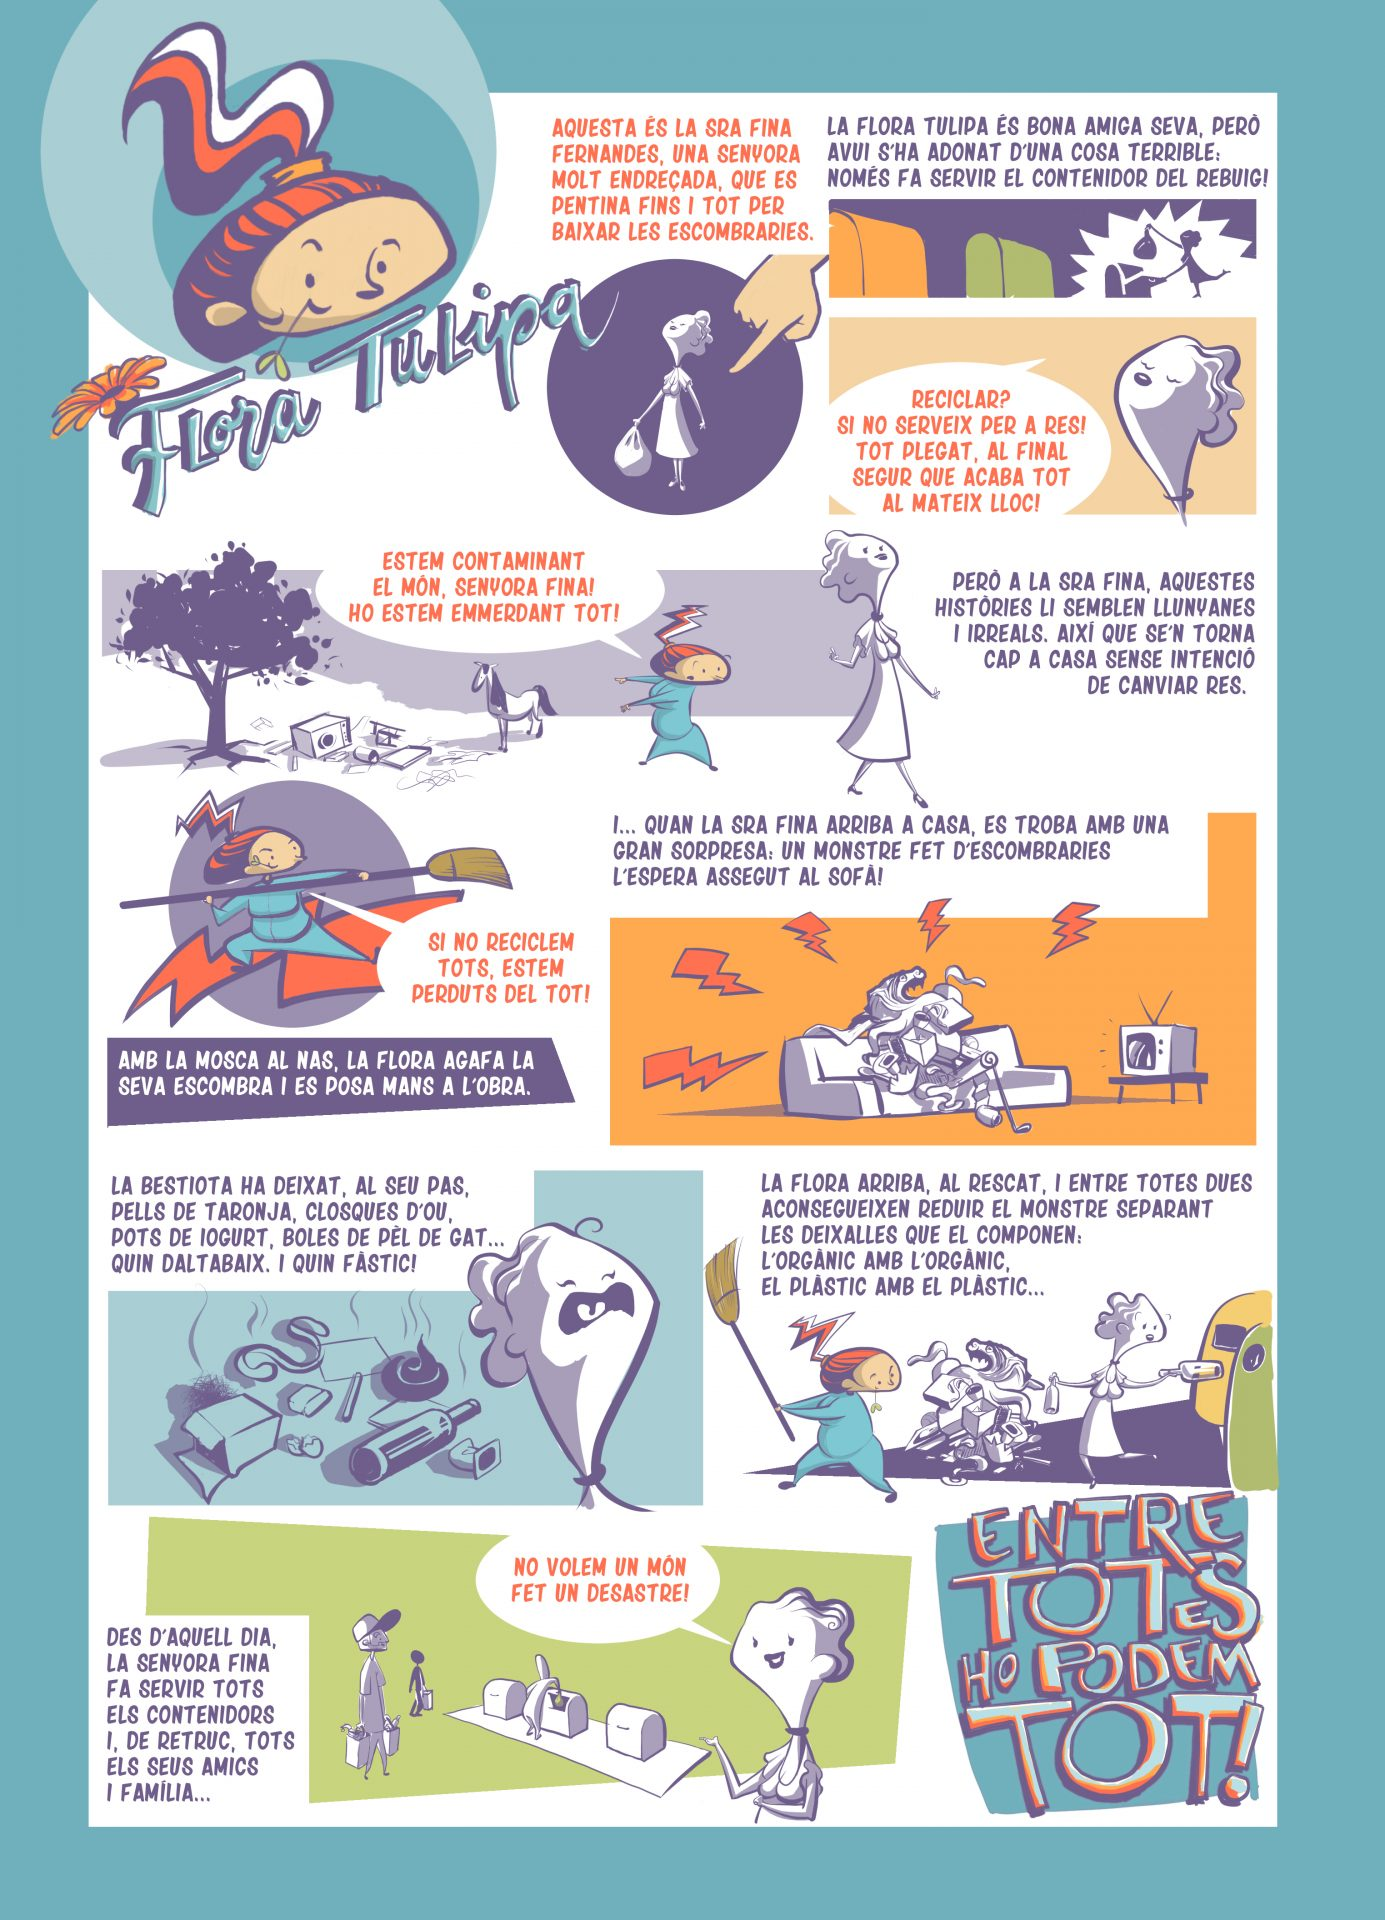 Còmic sobre la mala gestió separant les diferents fraccions de residus